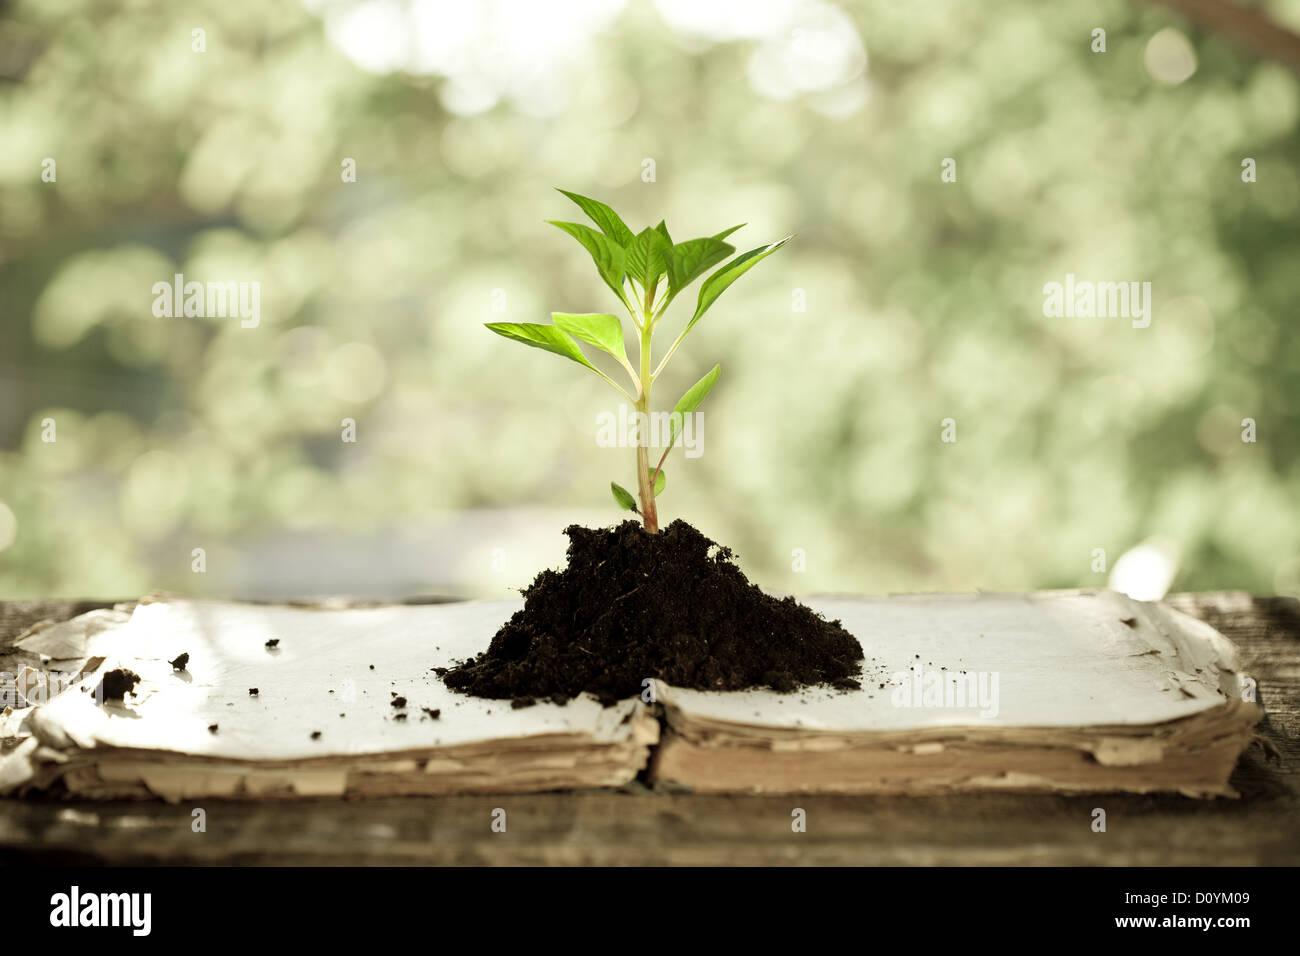 Jeune plante contre l'arrière-plan naturel Photo Stock